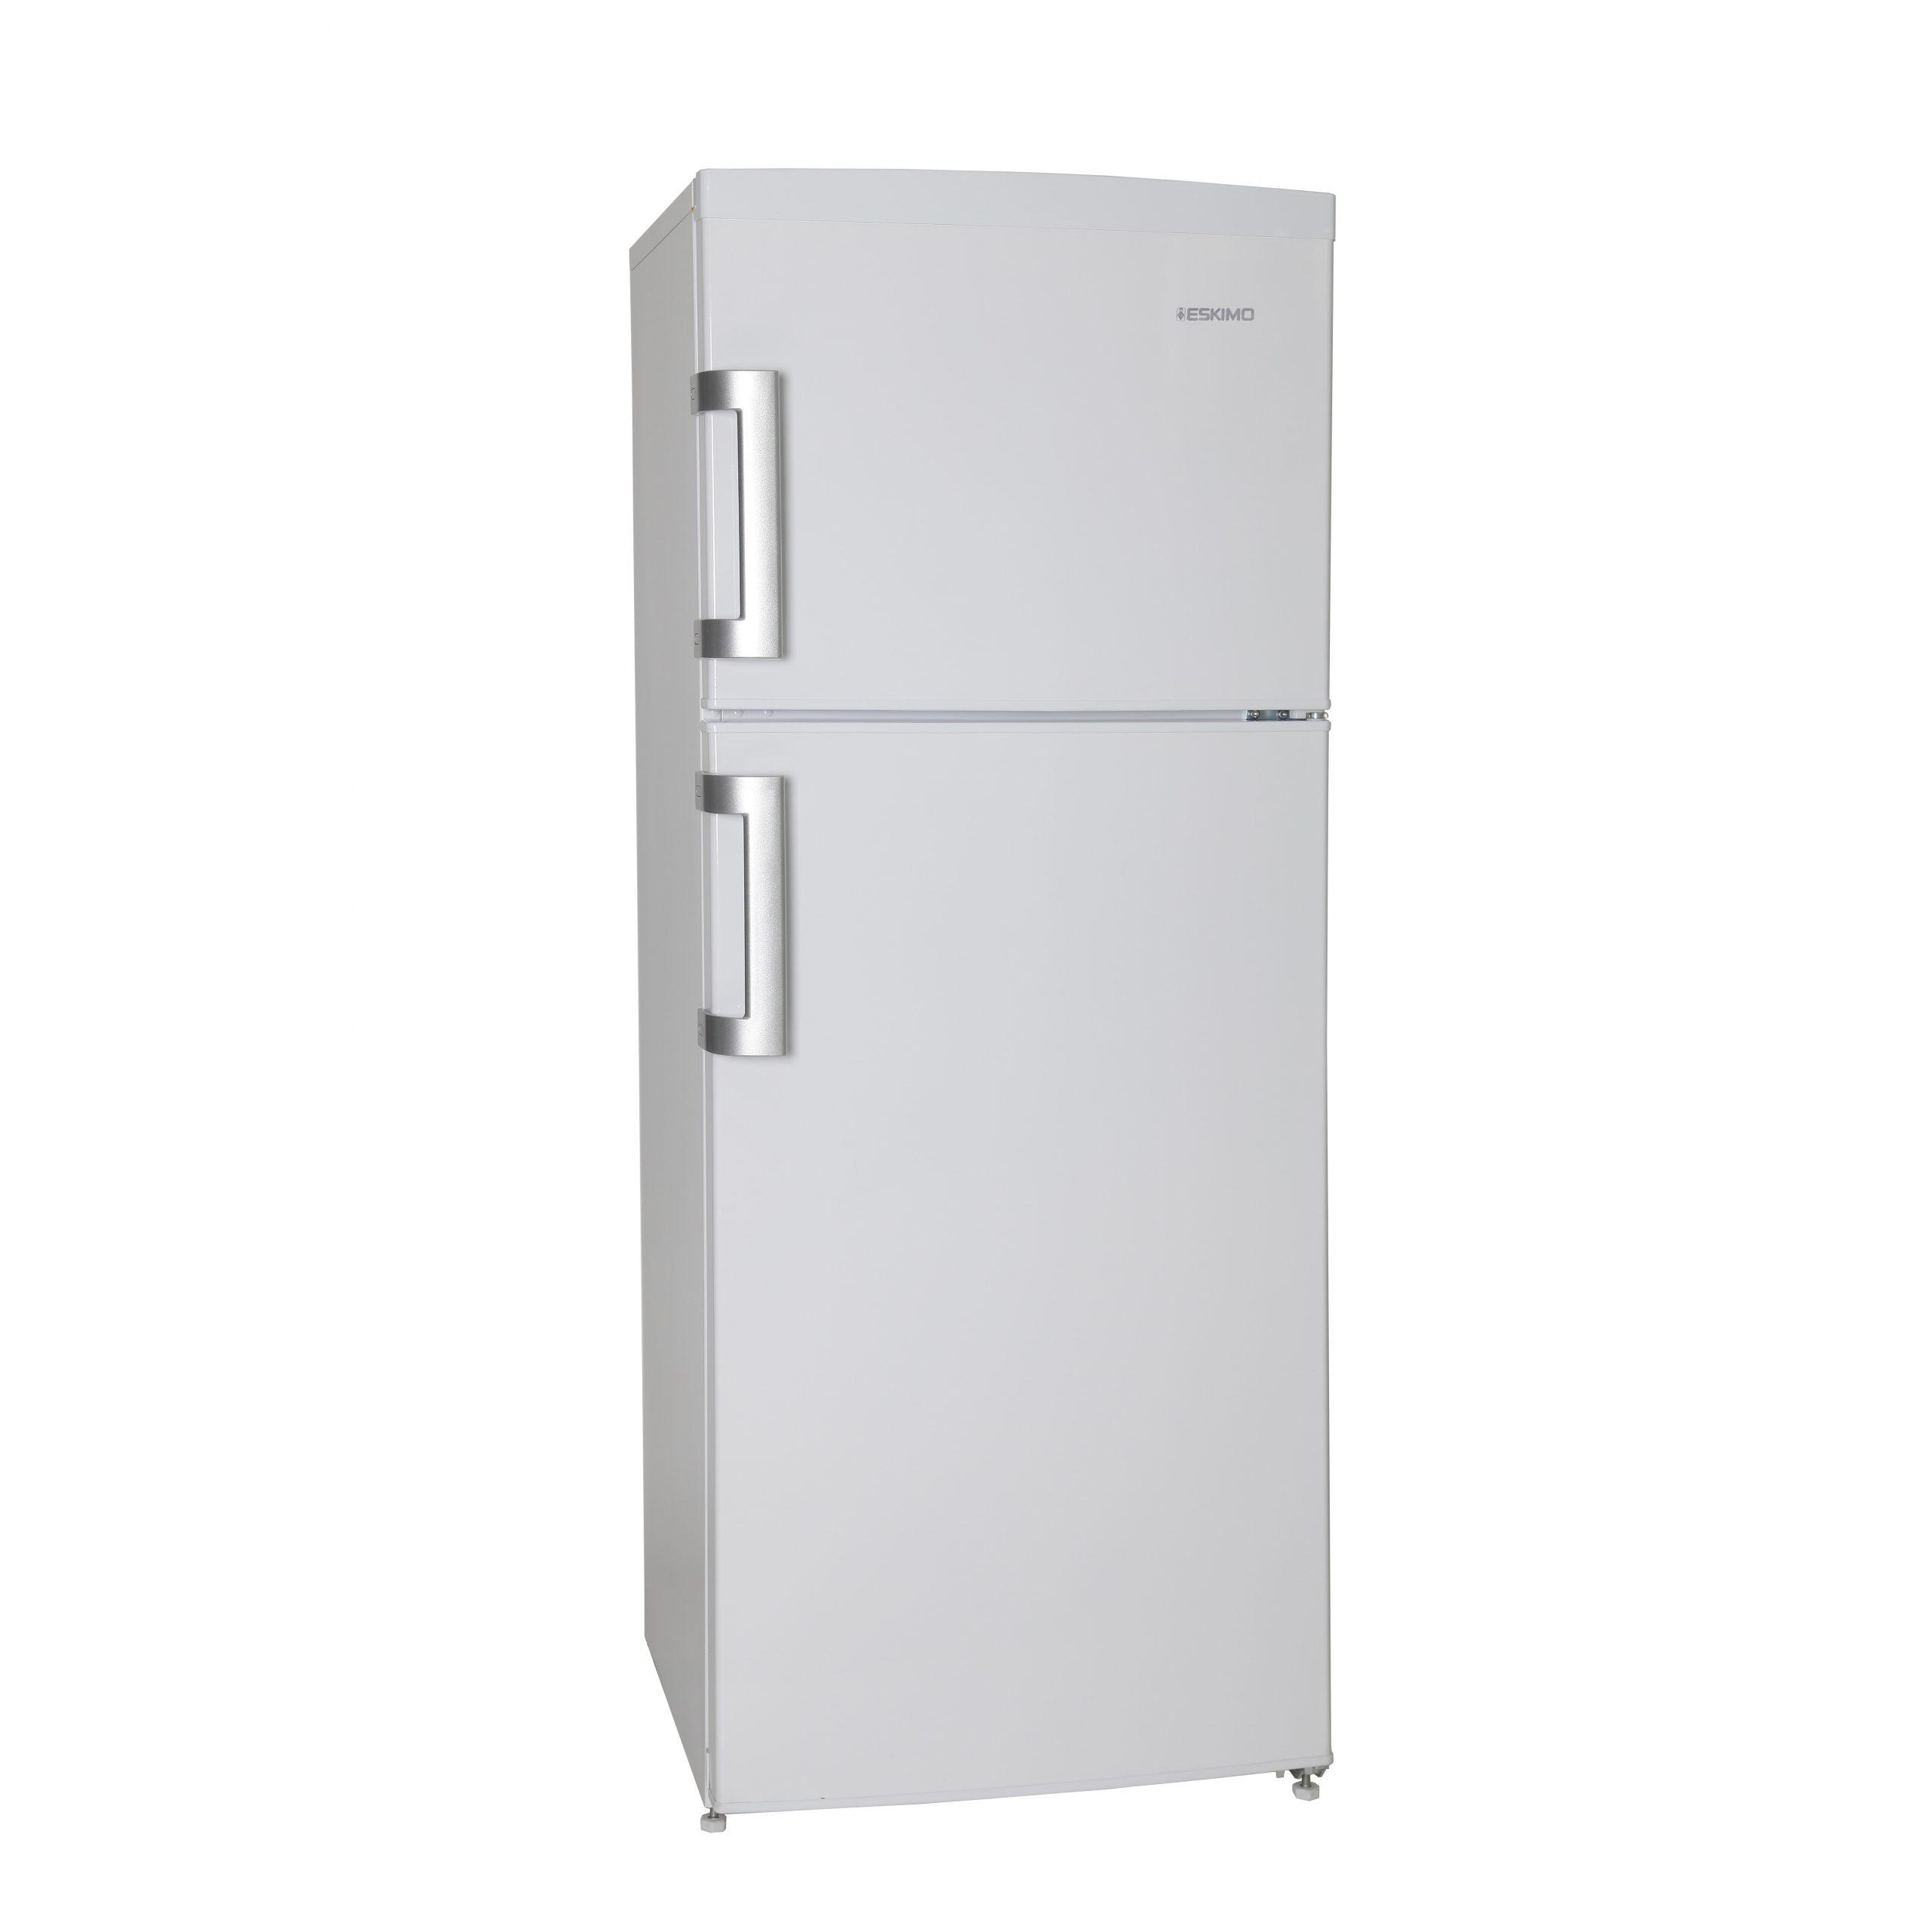 Eskimo Δίπορτο Ψυγείο ES 2703